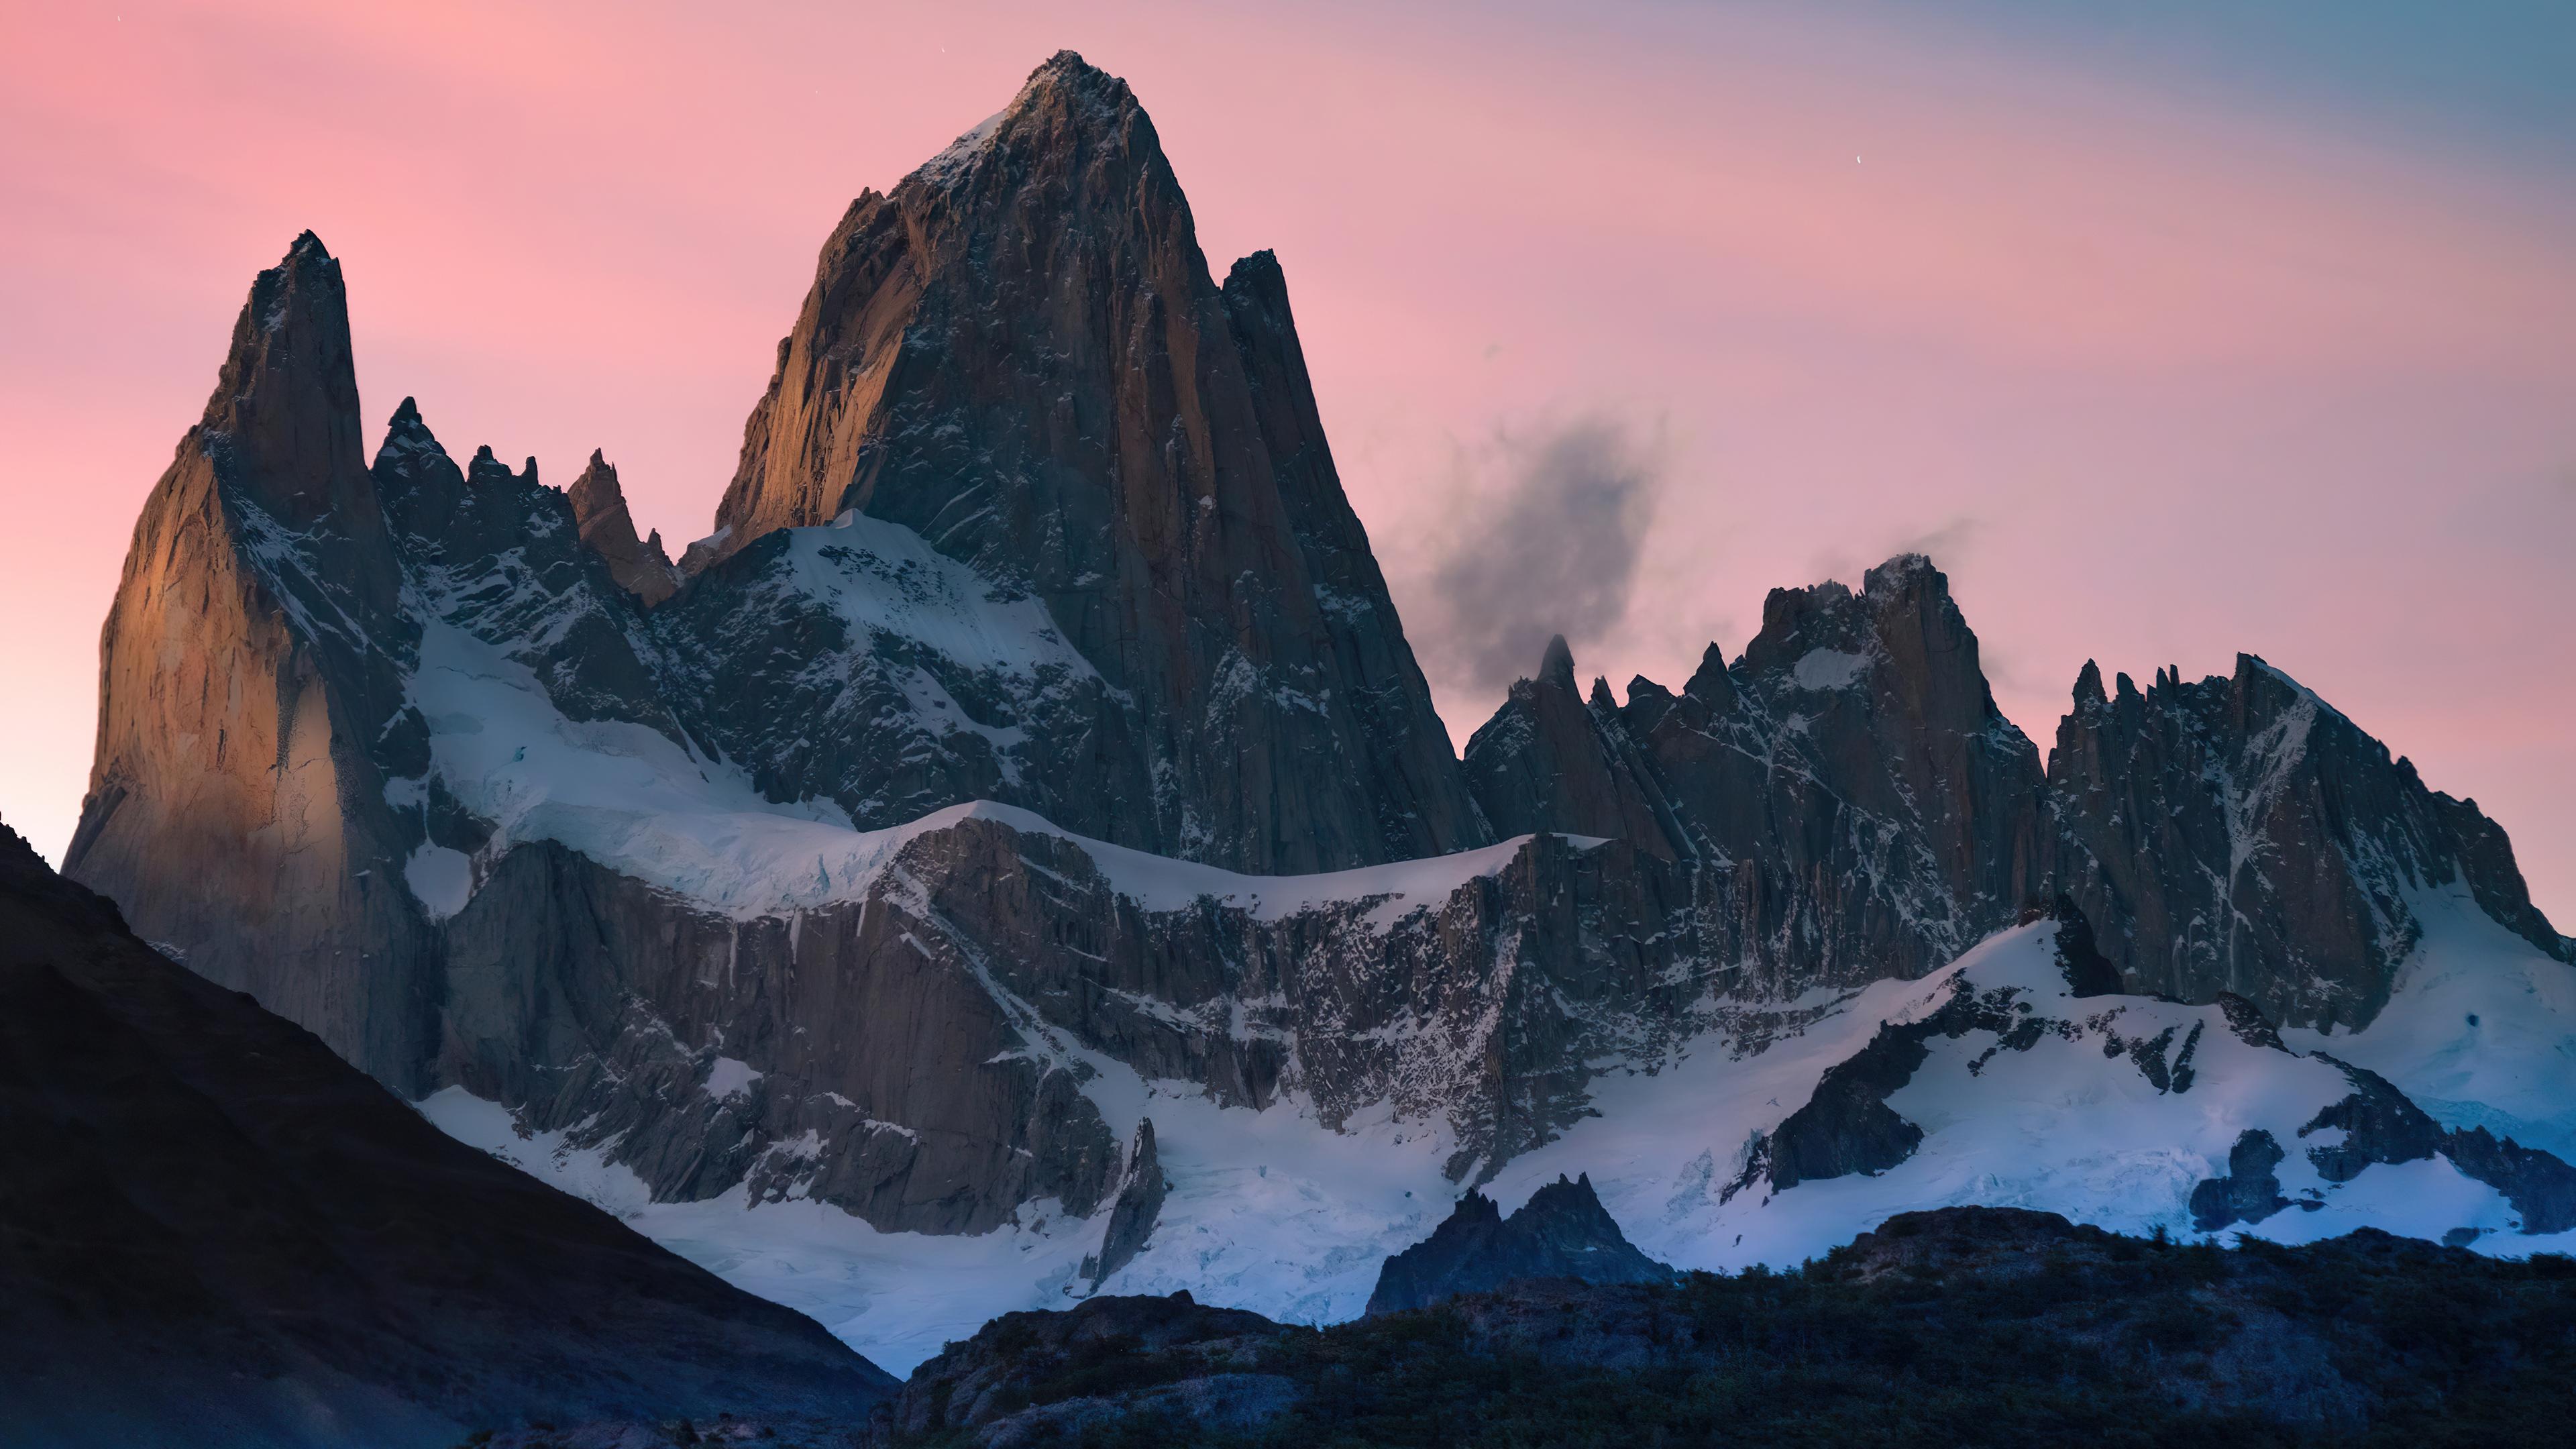 Fondos de pantalla Picos de montaña en Argentina